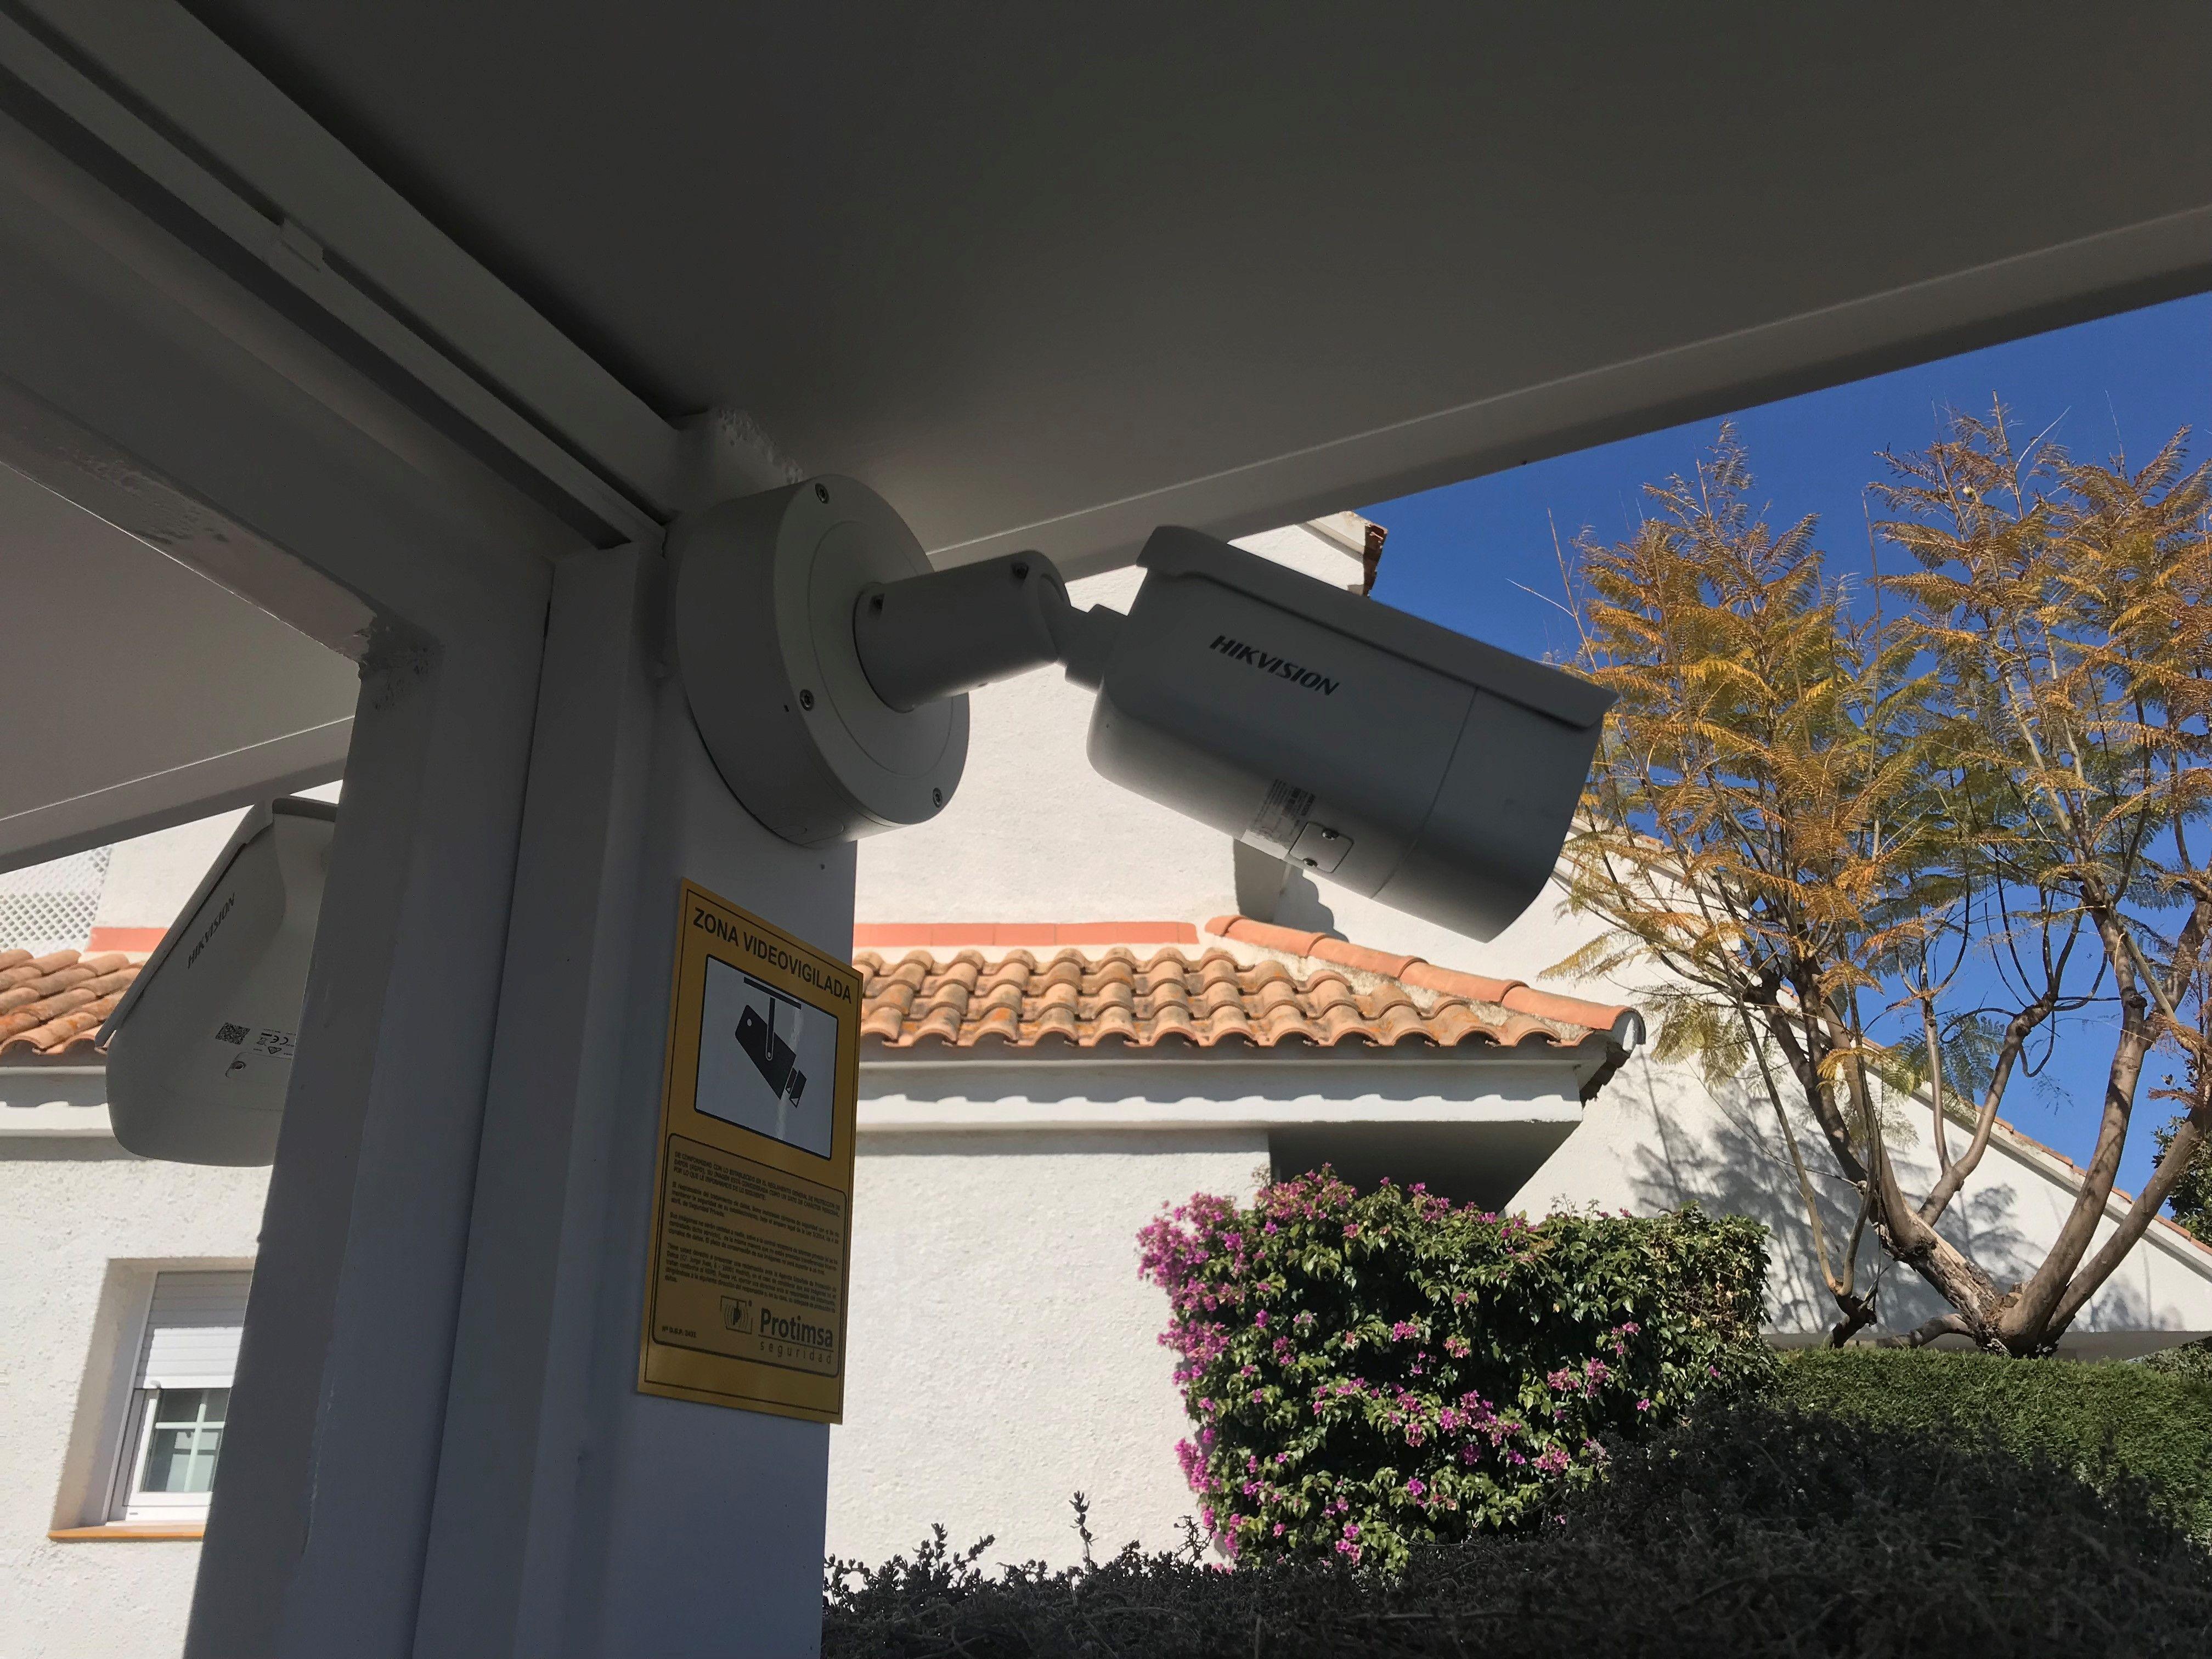 Manteniment del teu sistema de seguretat